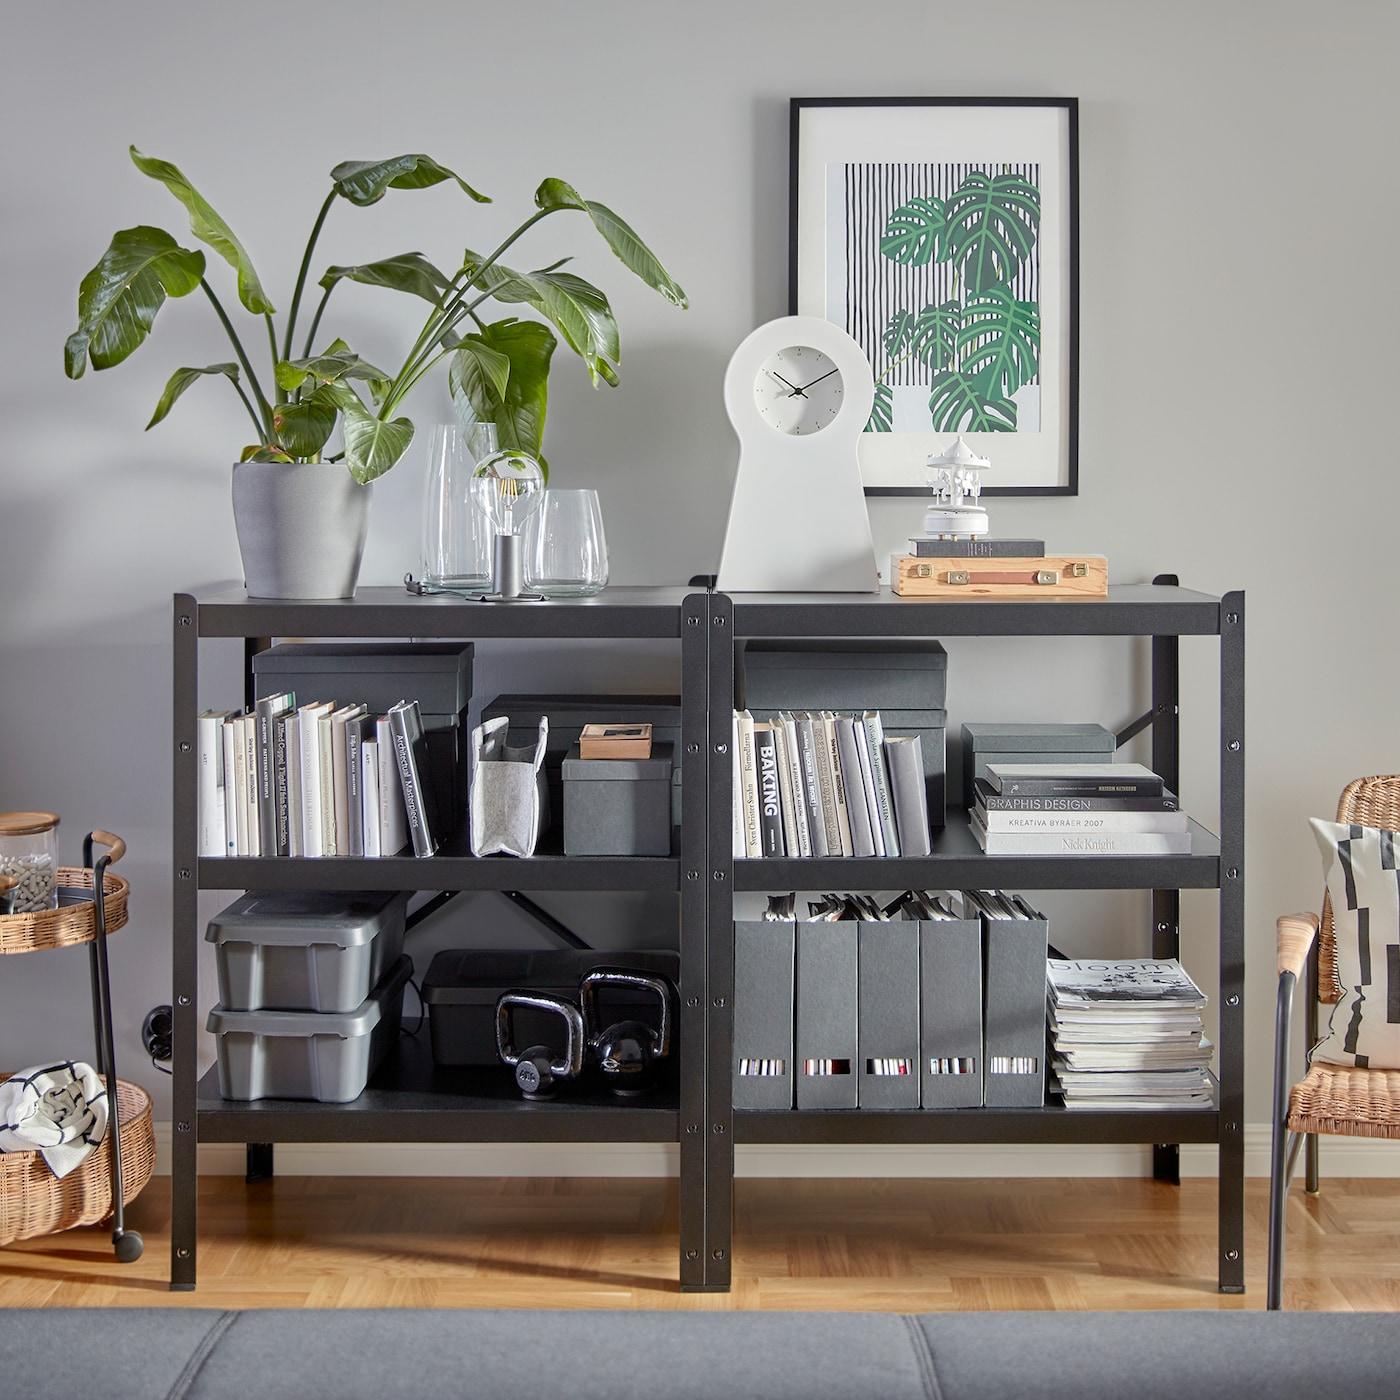 Kombiniertes Wohn und Esszimmer mit viel Luxus IKEA